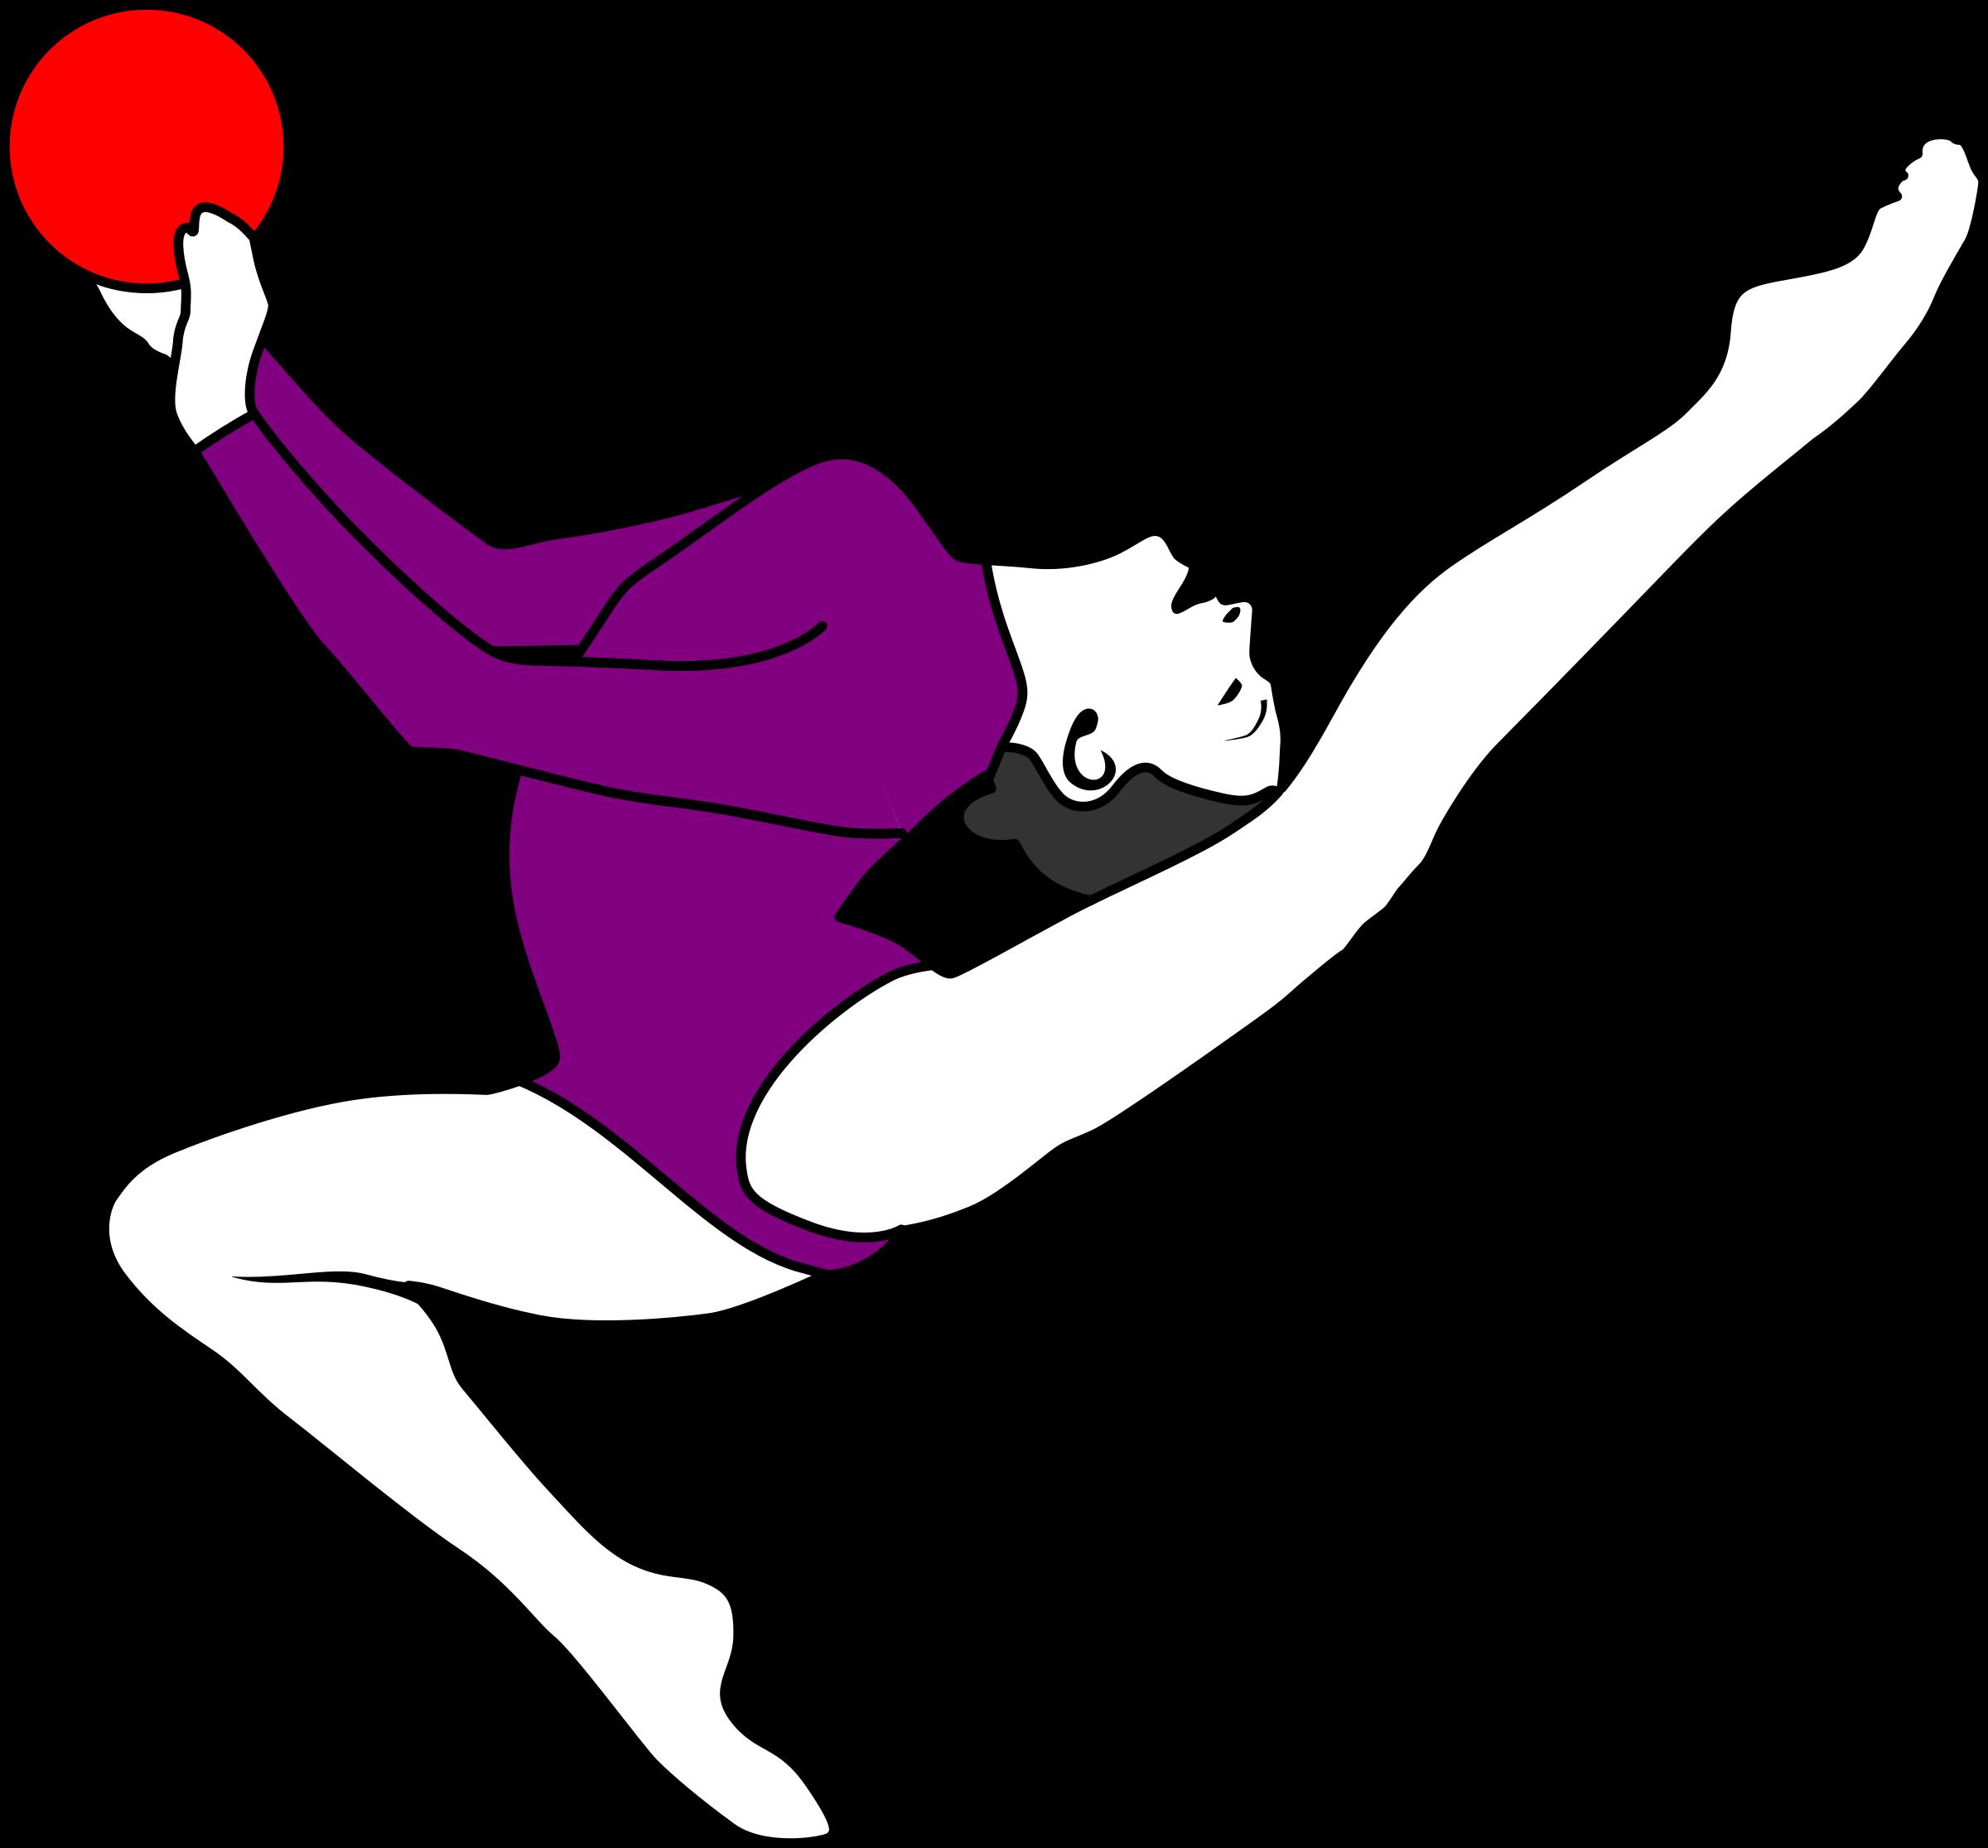 Gymnast clipart rhythmic gymnastics Gymnastics Girls Rhythmic Image